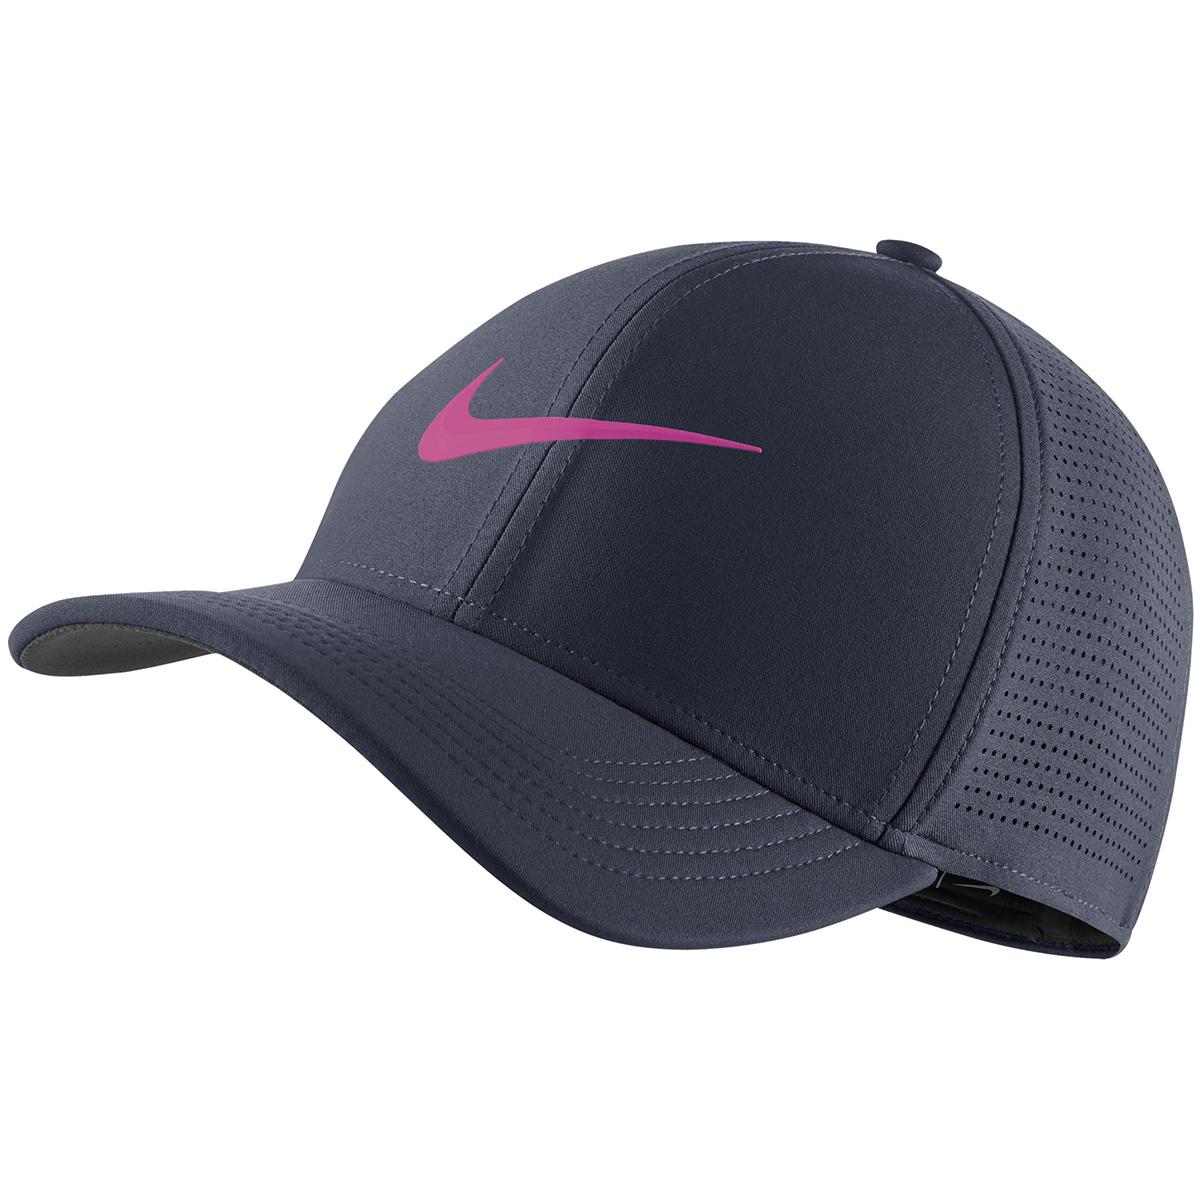 92dda20f9 Nike Golf AeroBill Classic 99 Cap